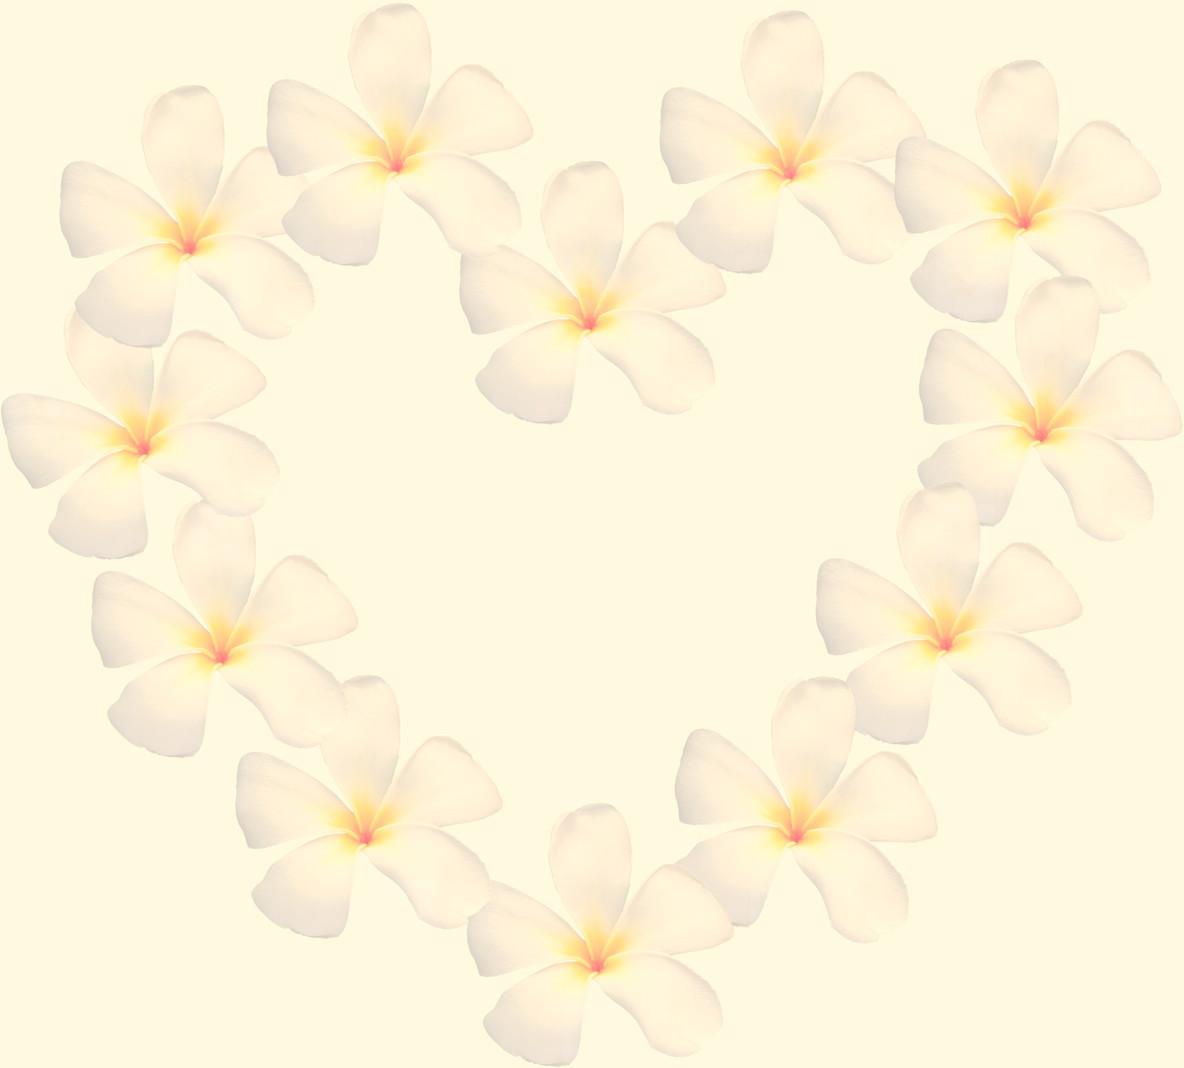 frangipani shape as heart